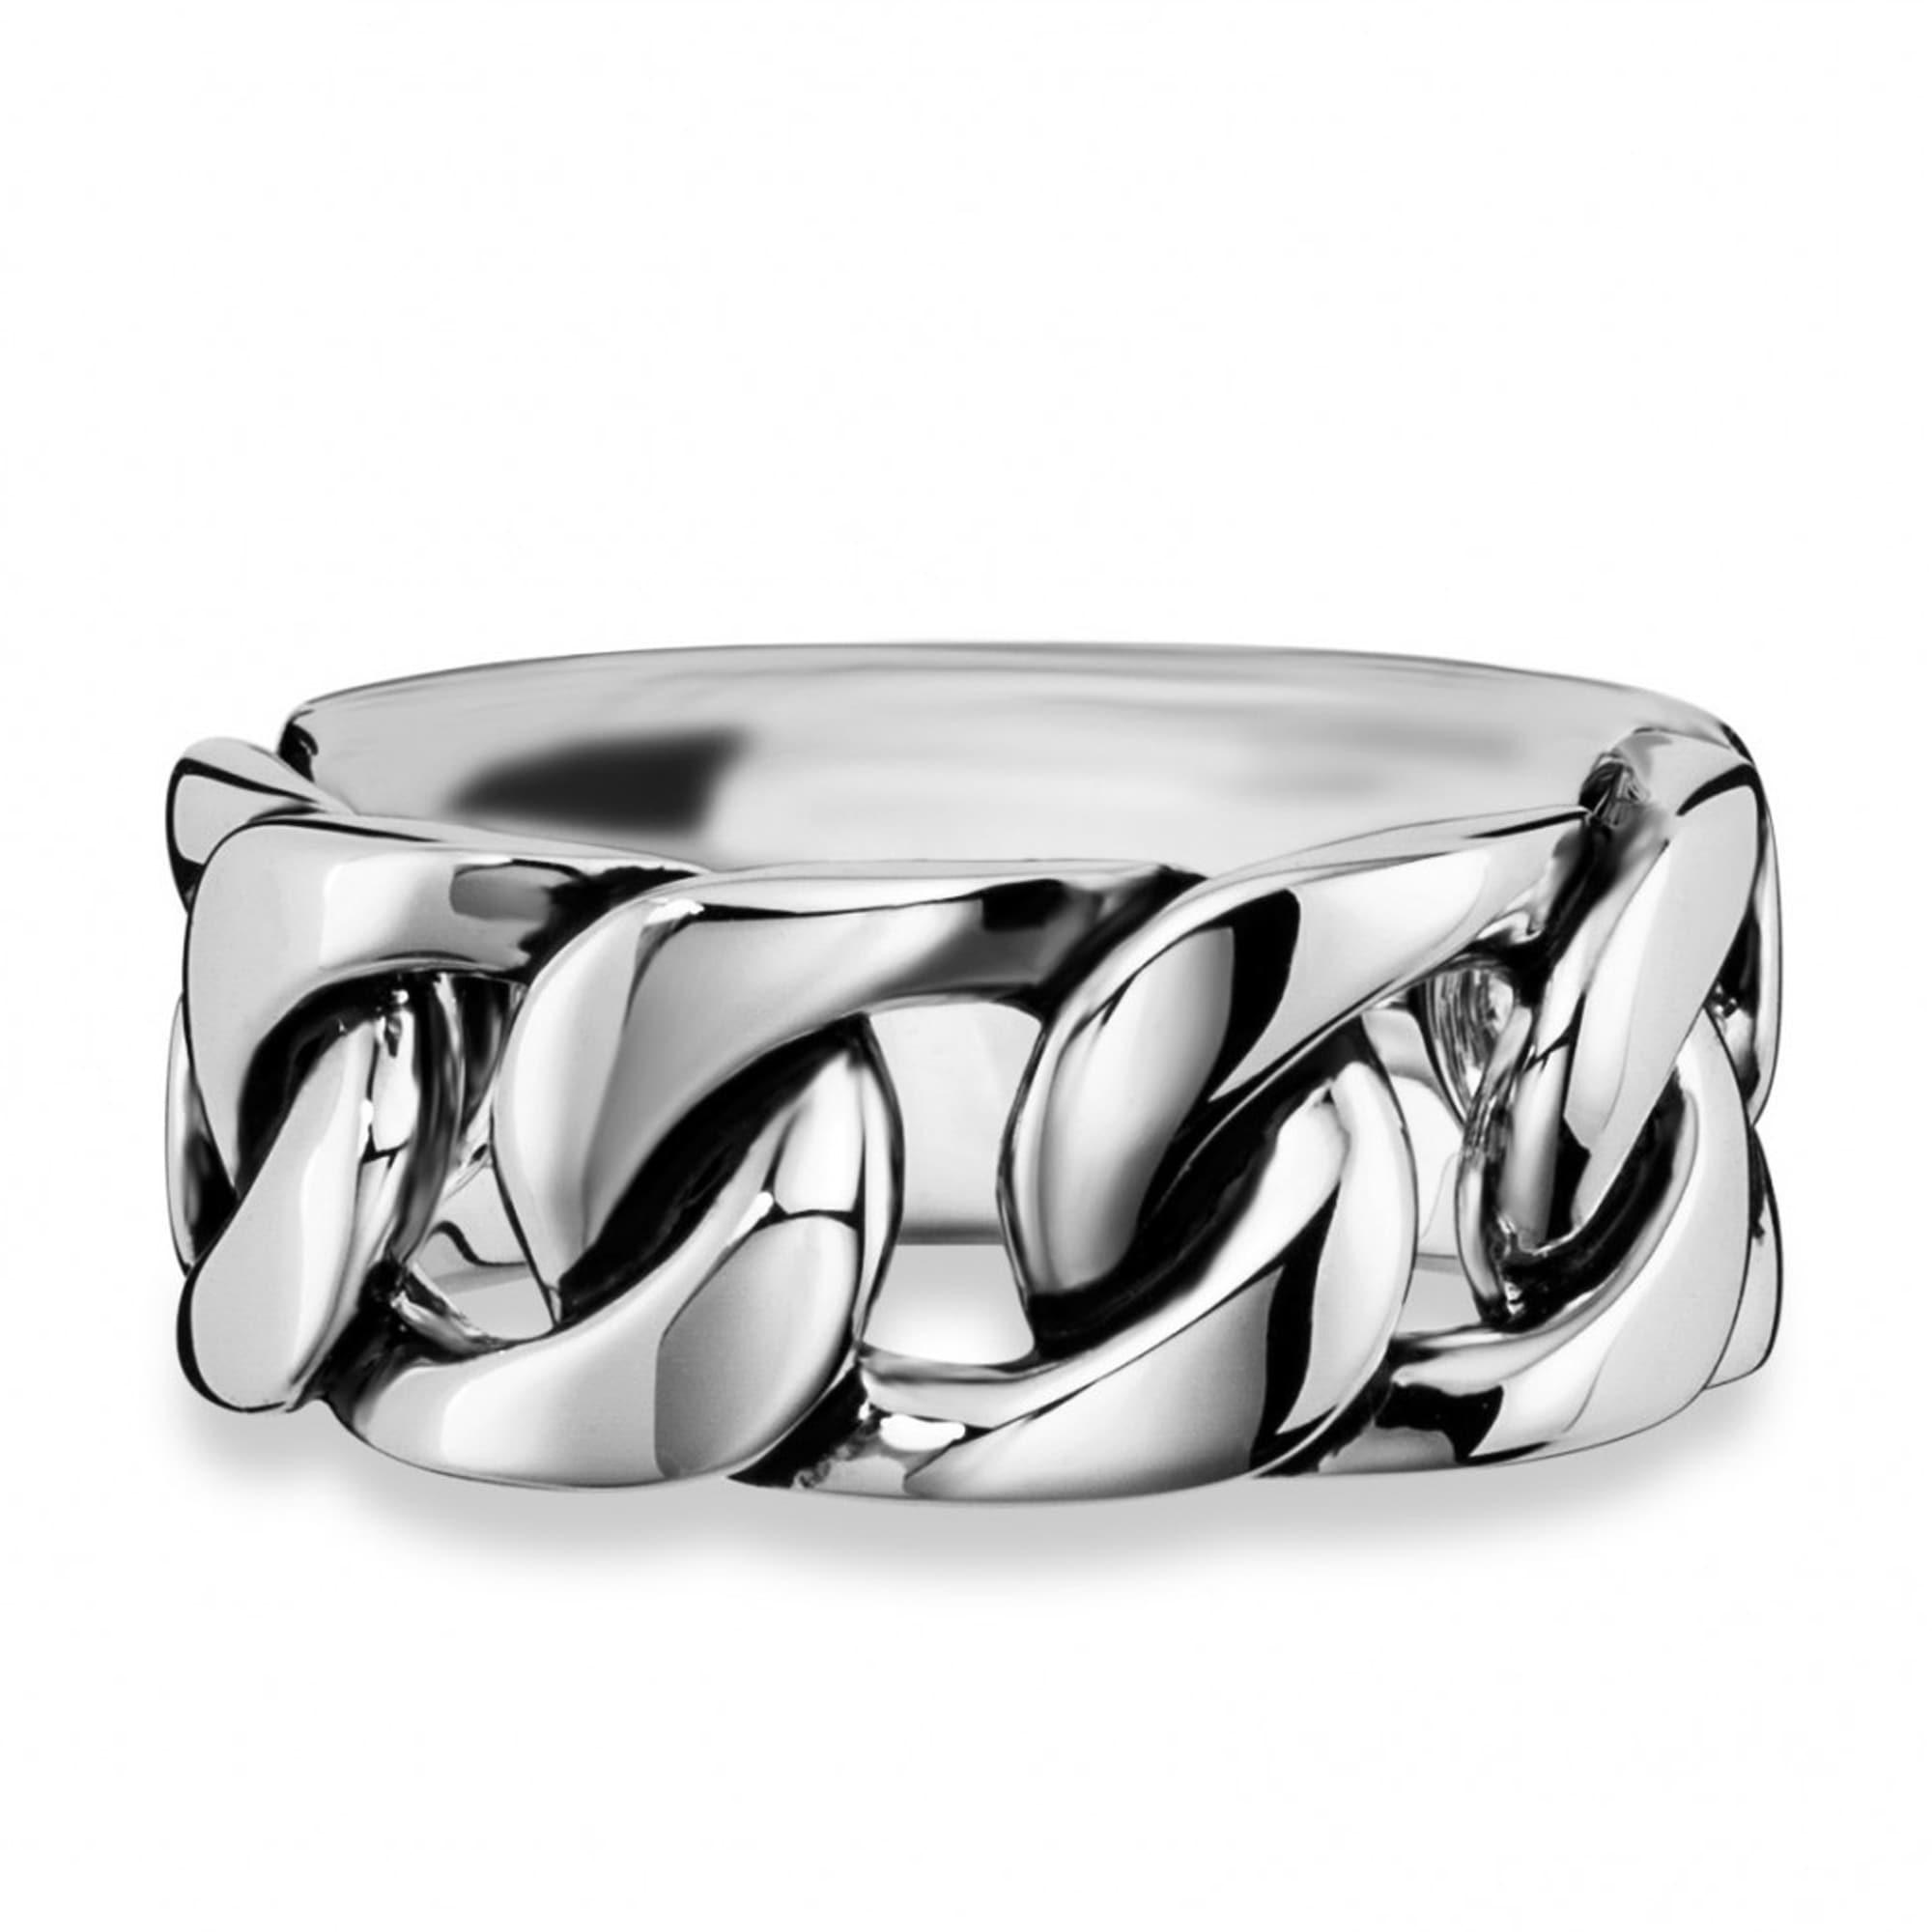 CAÏ Ring 925/- Sterling Silber rhodiniert Ketten-Optik   Schmuck > Halsketten > Silberketten   Weiß   Stein   Caï